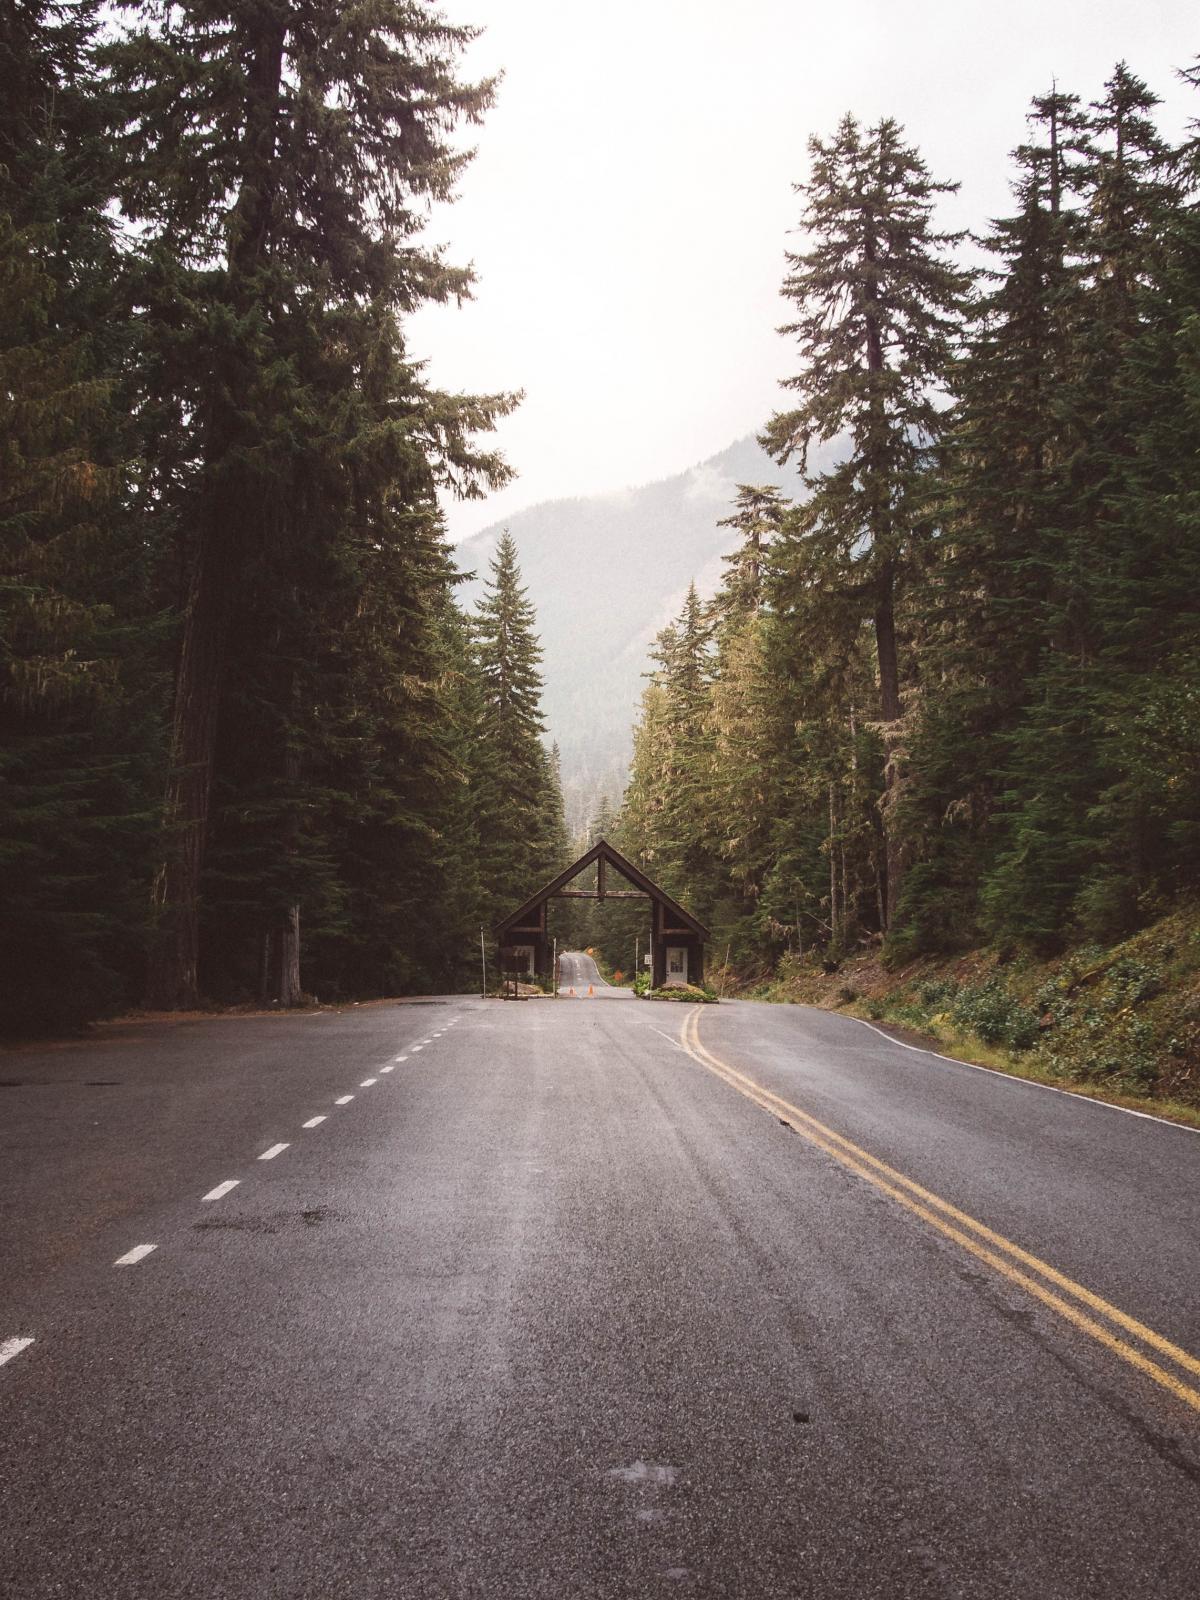 Bend Road Landscape #425314